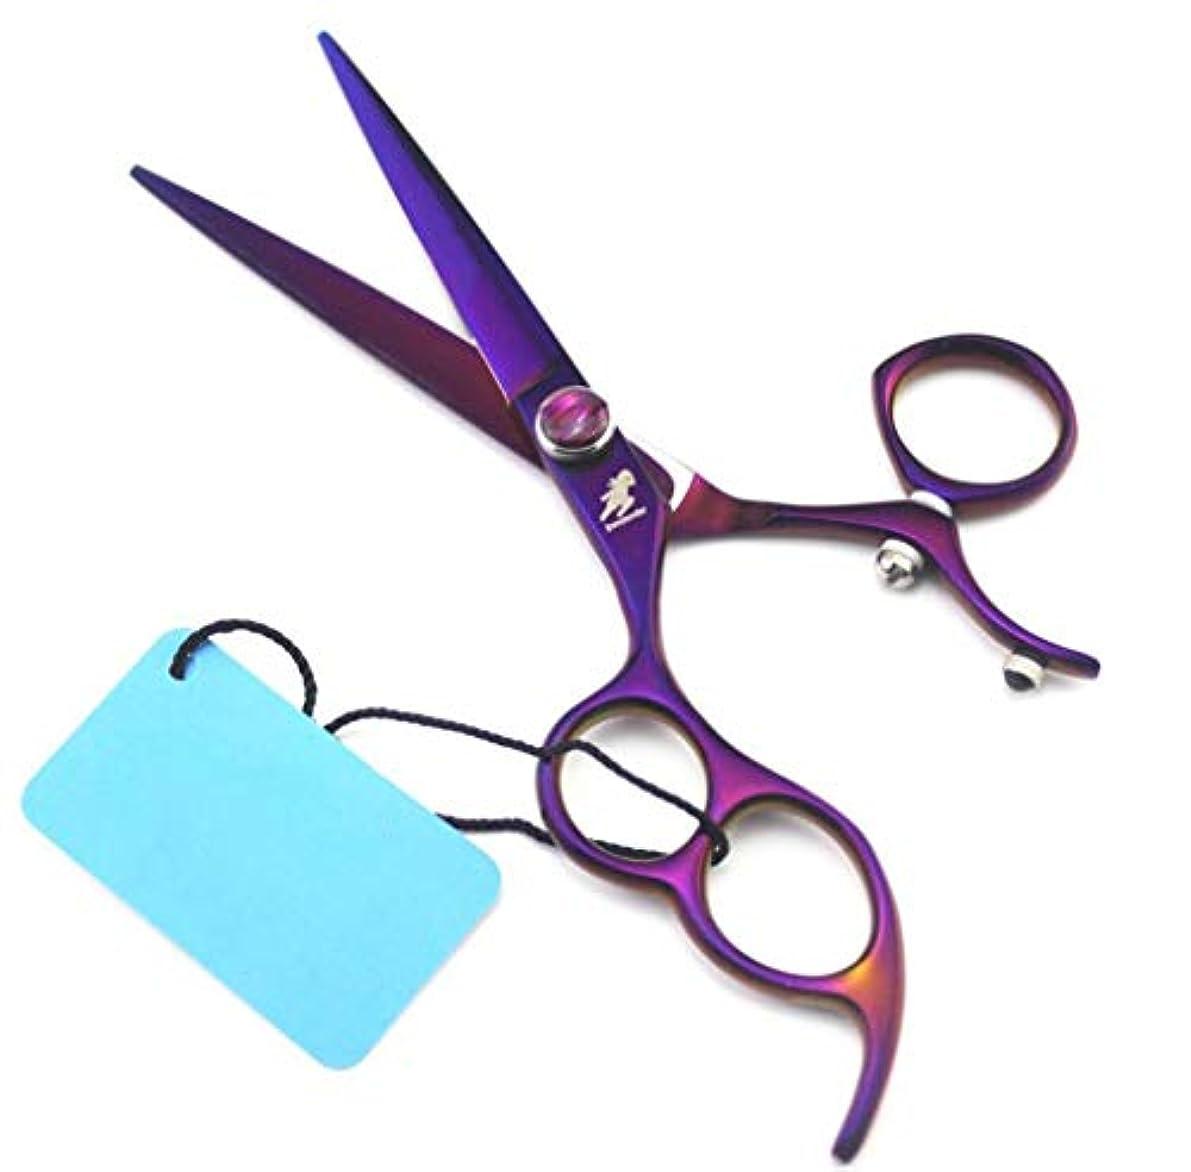 動員する計算可能浮く6.0インチパープル360度回転親指ヘアカットはさみプロの美容師用バッグが付いている理髪店はさみ左手(切断はさみ)